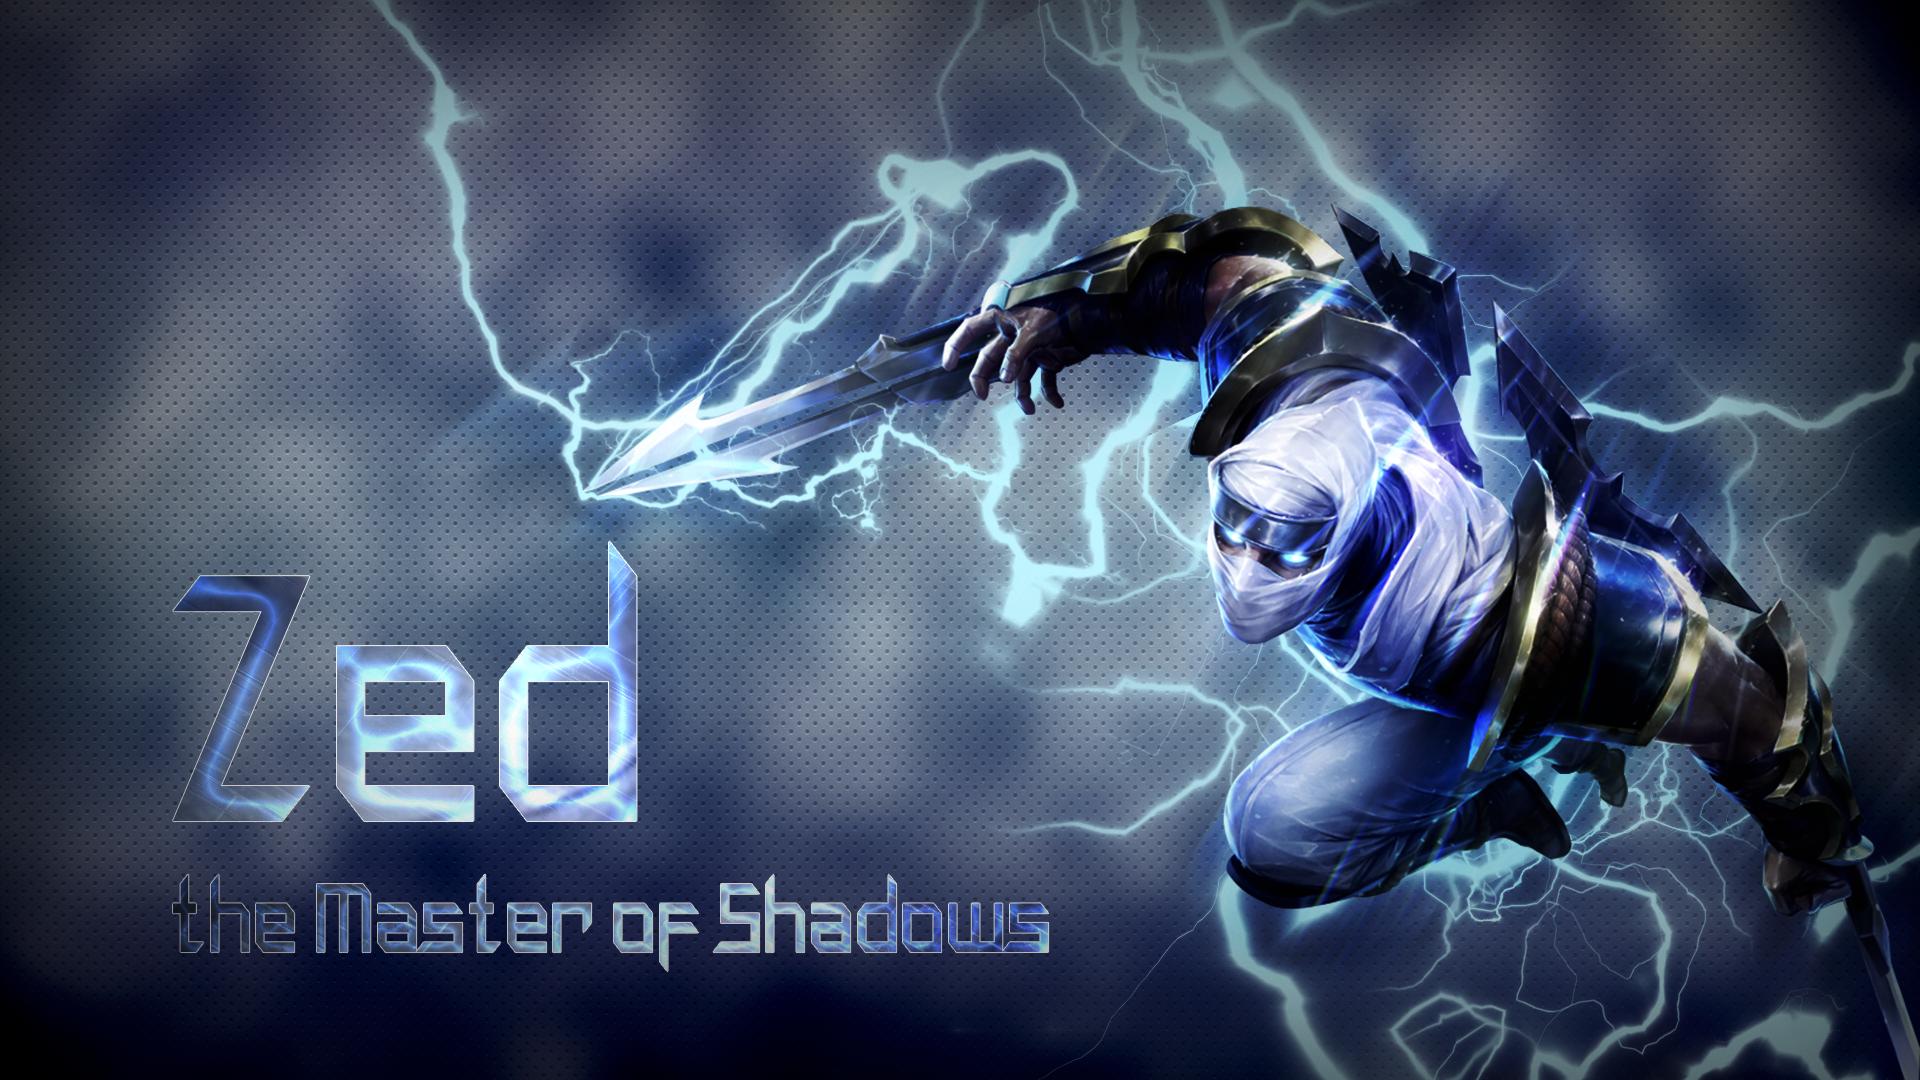 Shockblade zed and nocturne